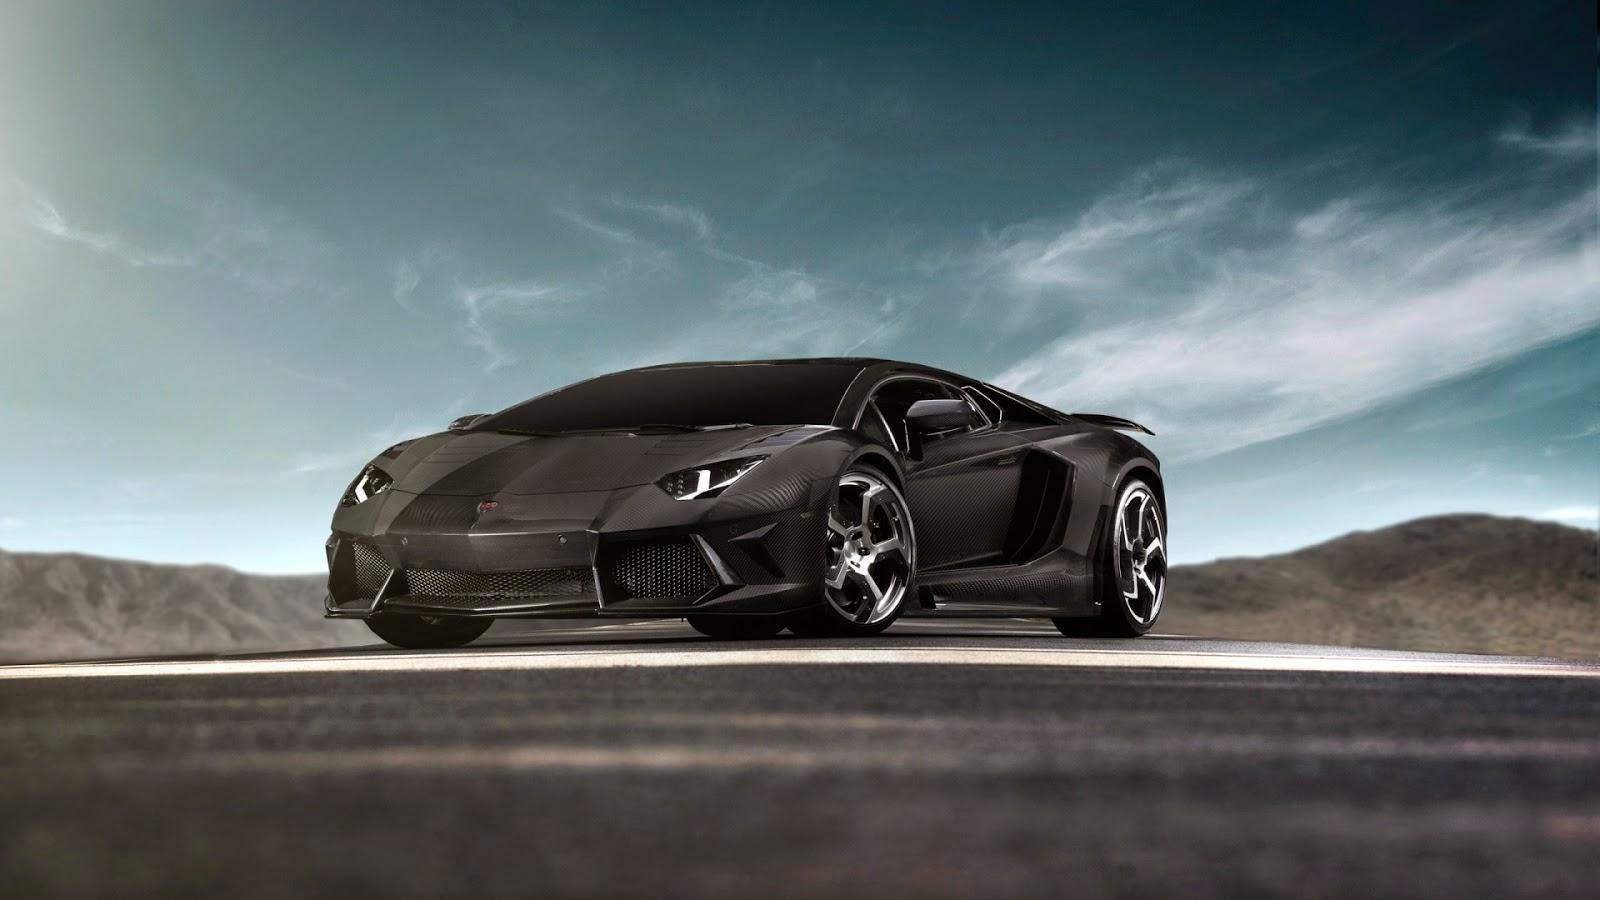 Arabaresimleri >> HD Spor Araba Resimleri - Sekizbir